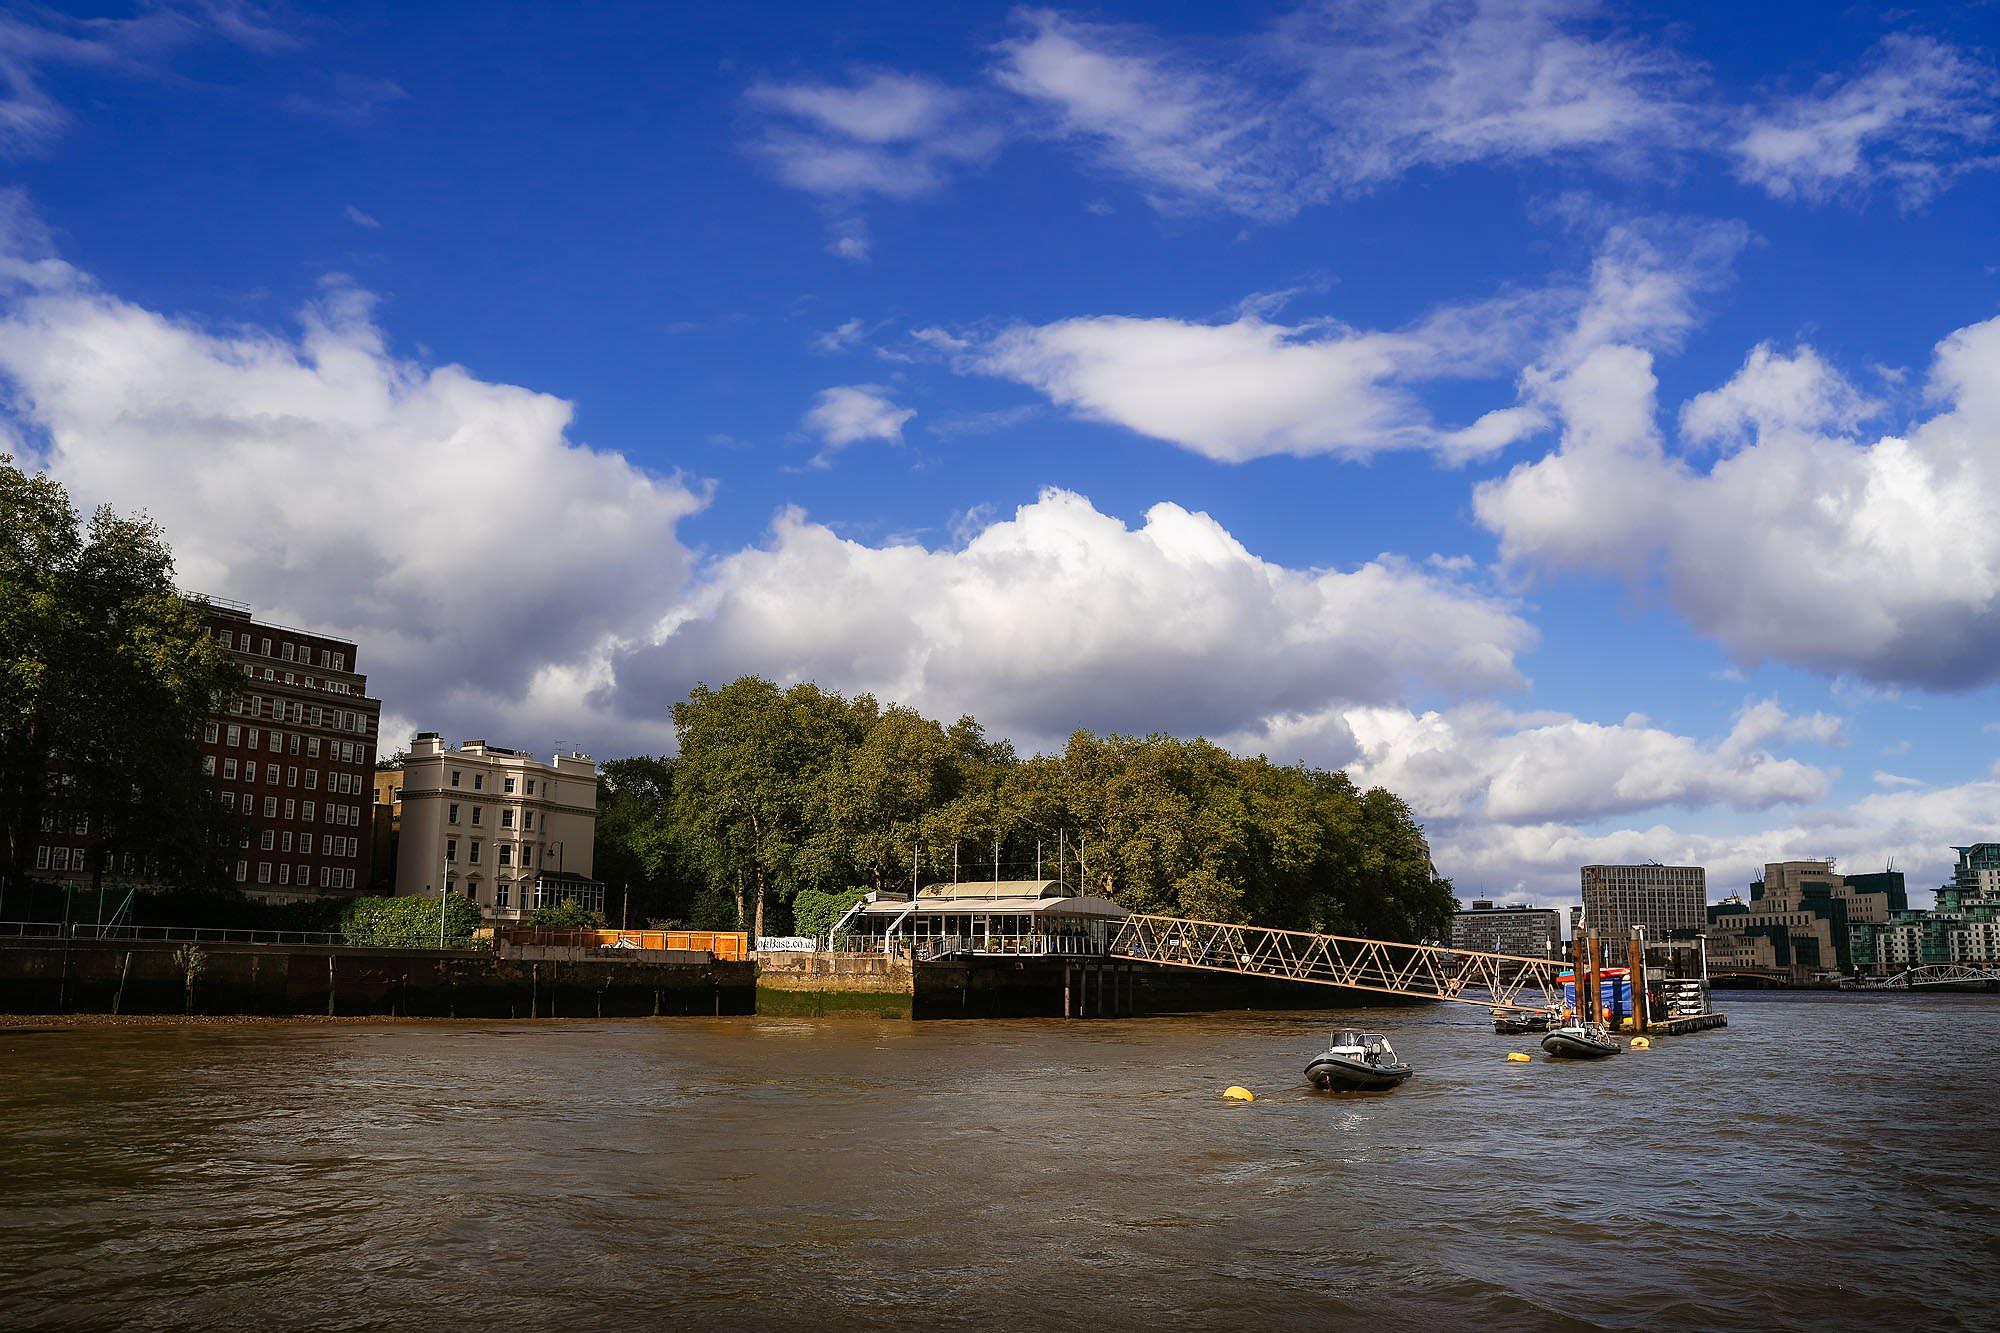 Westminster Boating Base